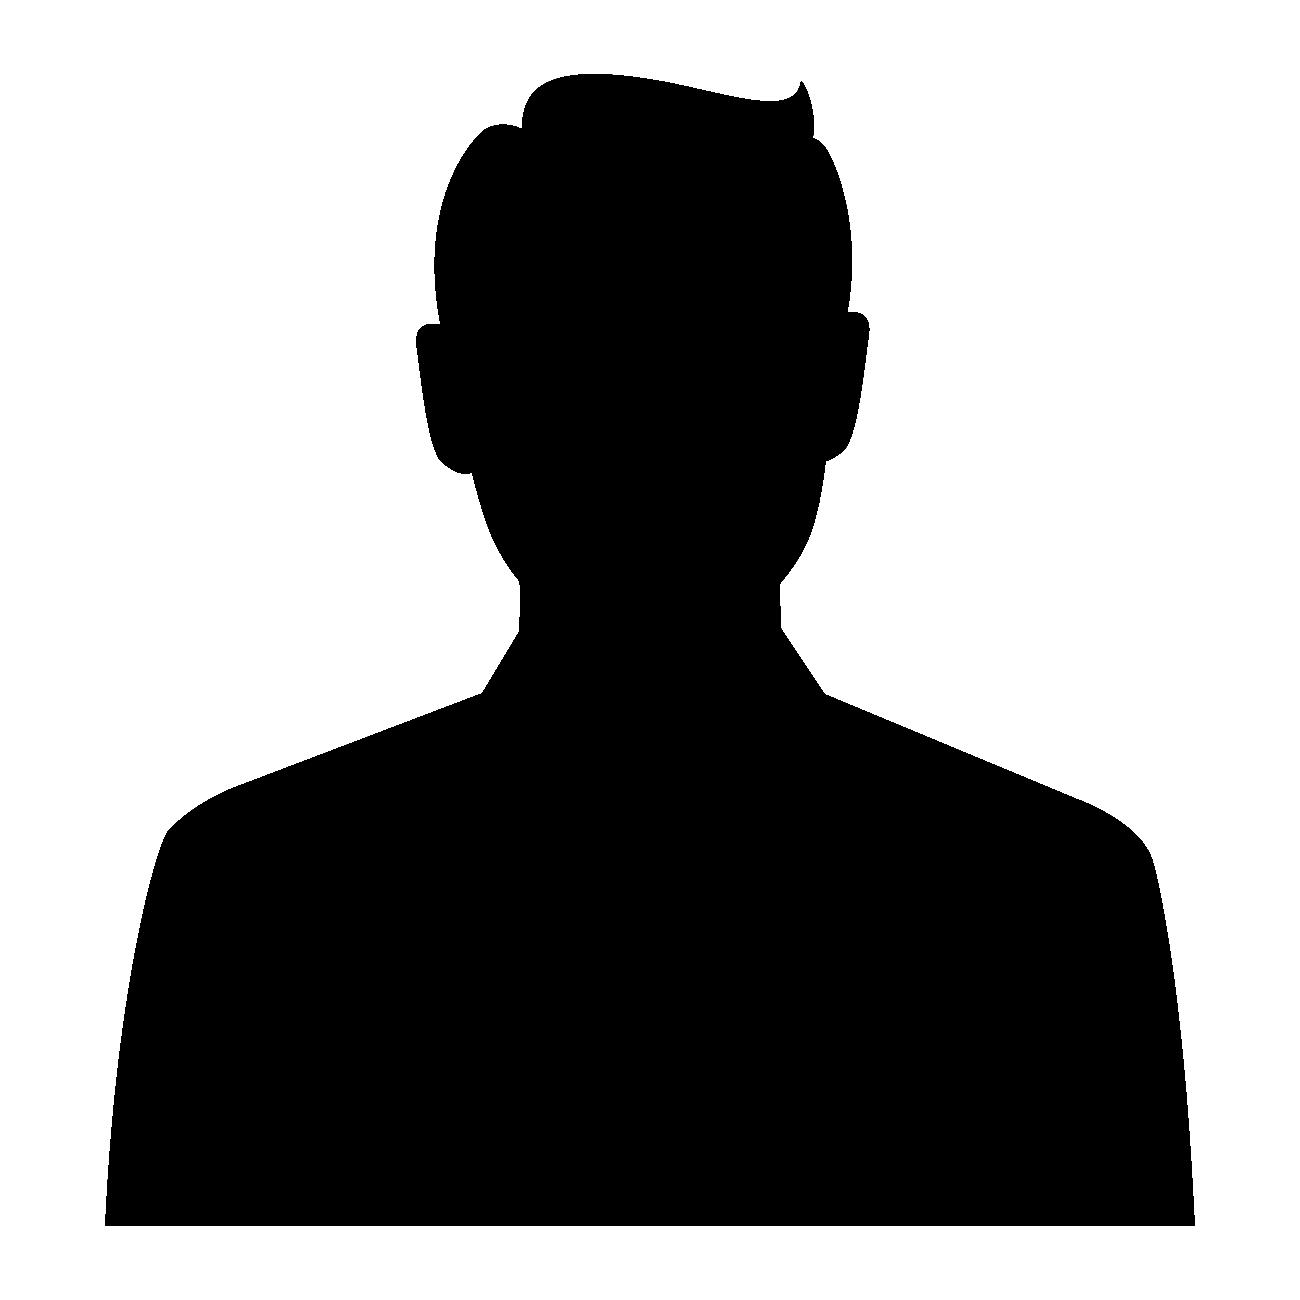 Avatar représentant un homme